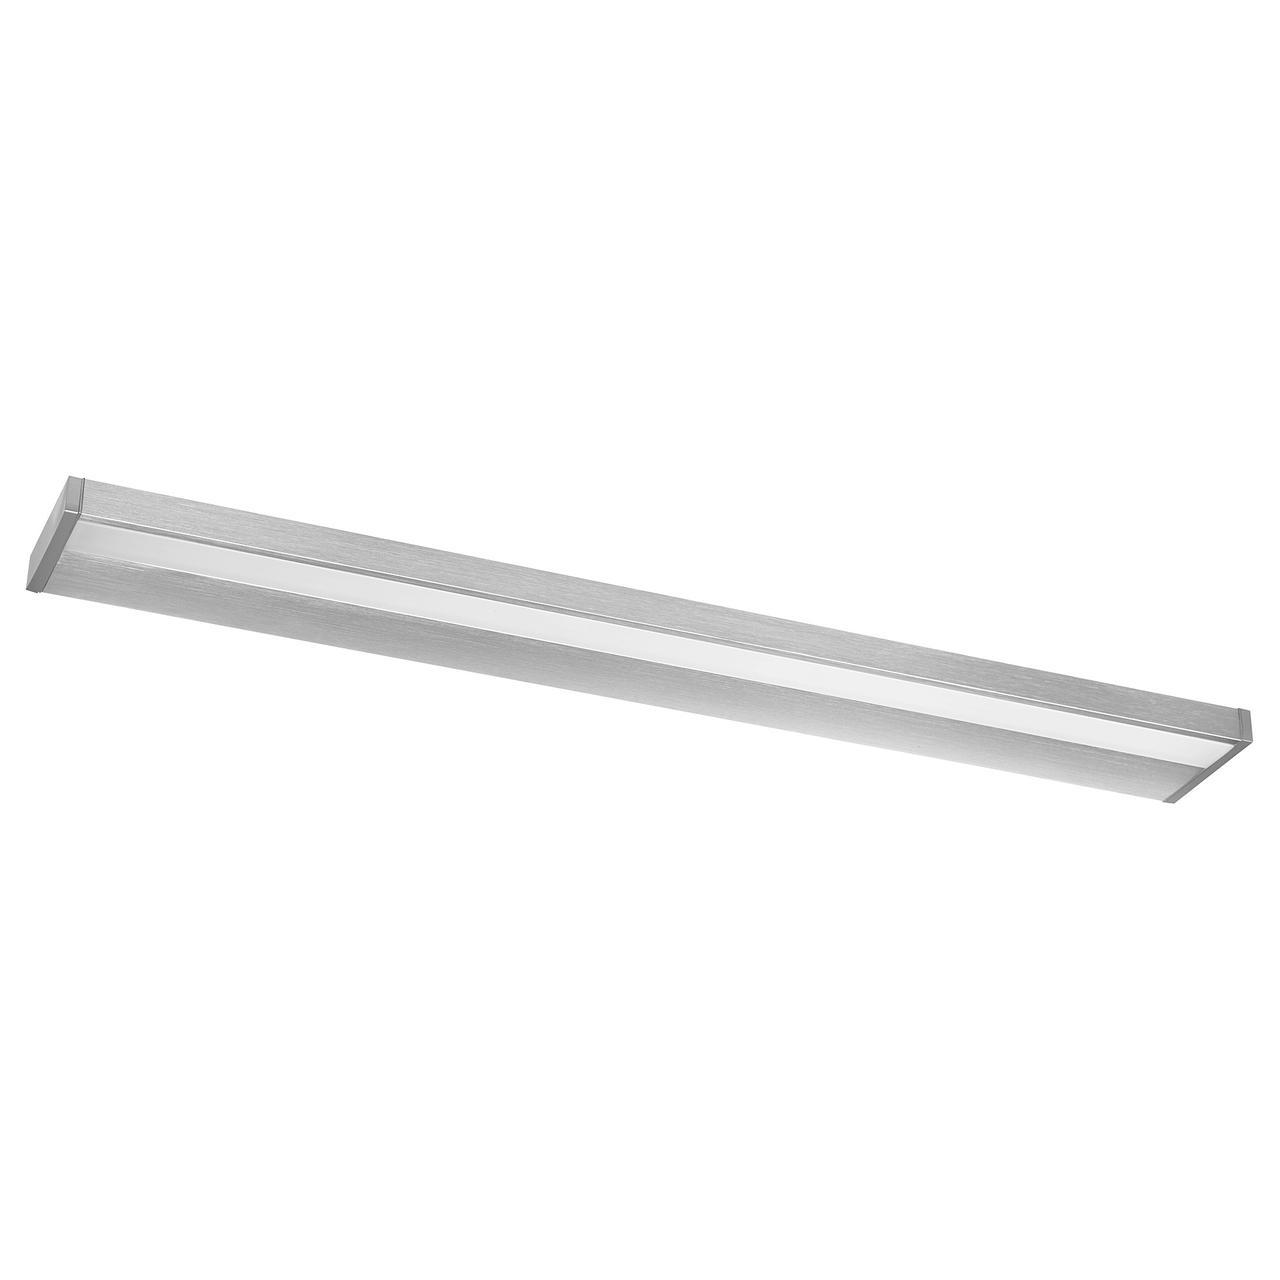 IKEA GODMORGON (002.509.18) Світлодіодне освітлення